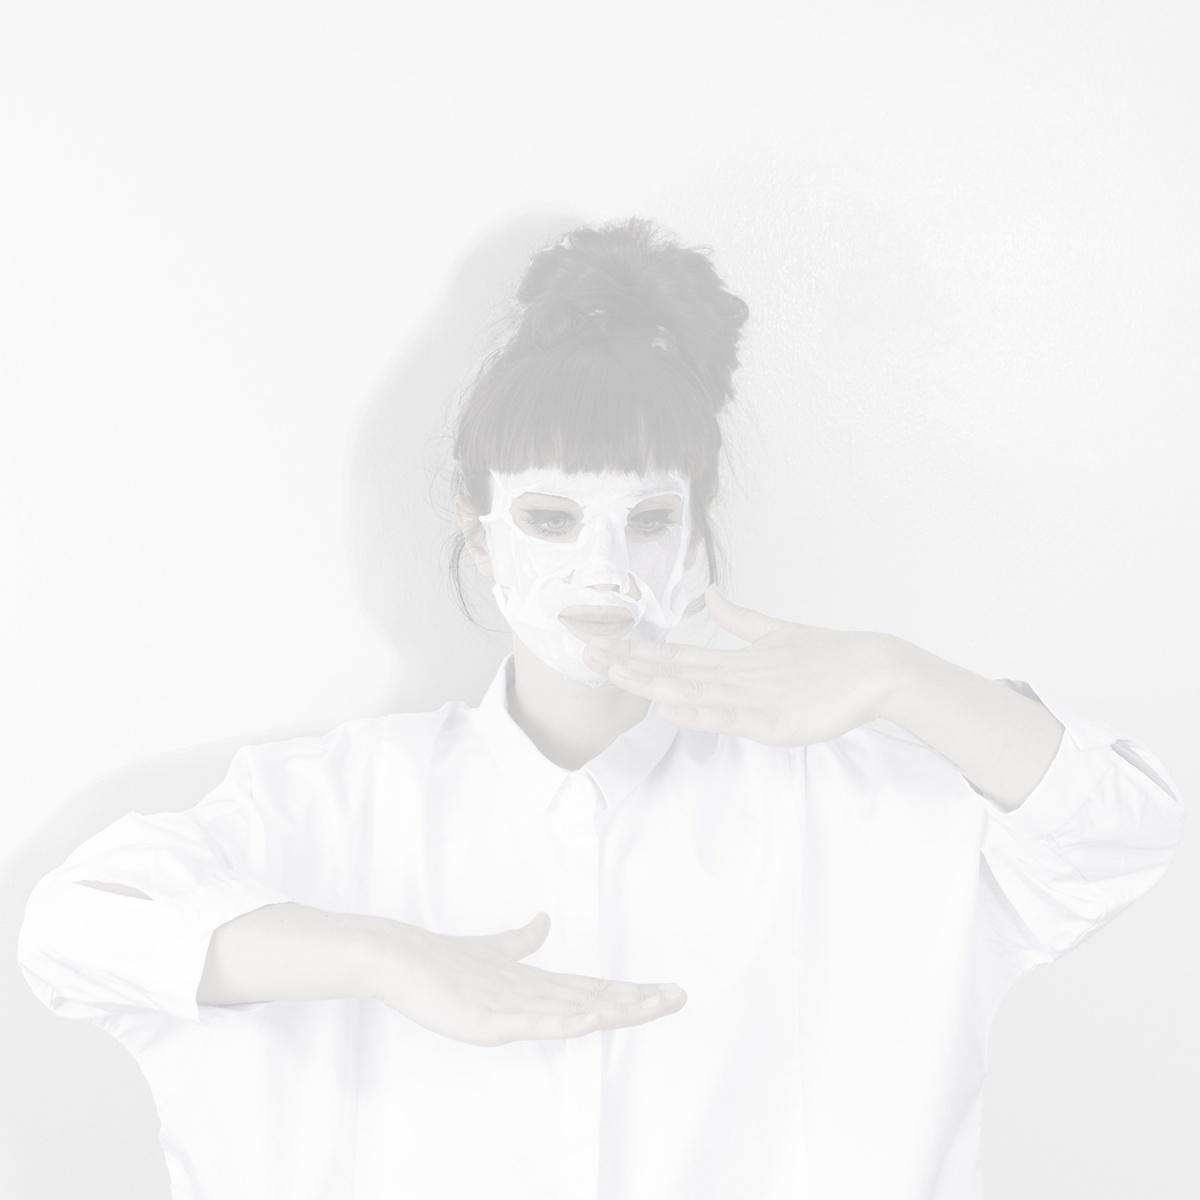 legaminismi-arte-ritratto-cristina-toni-medulla-studio